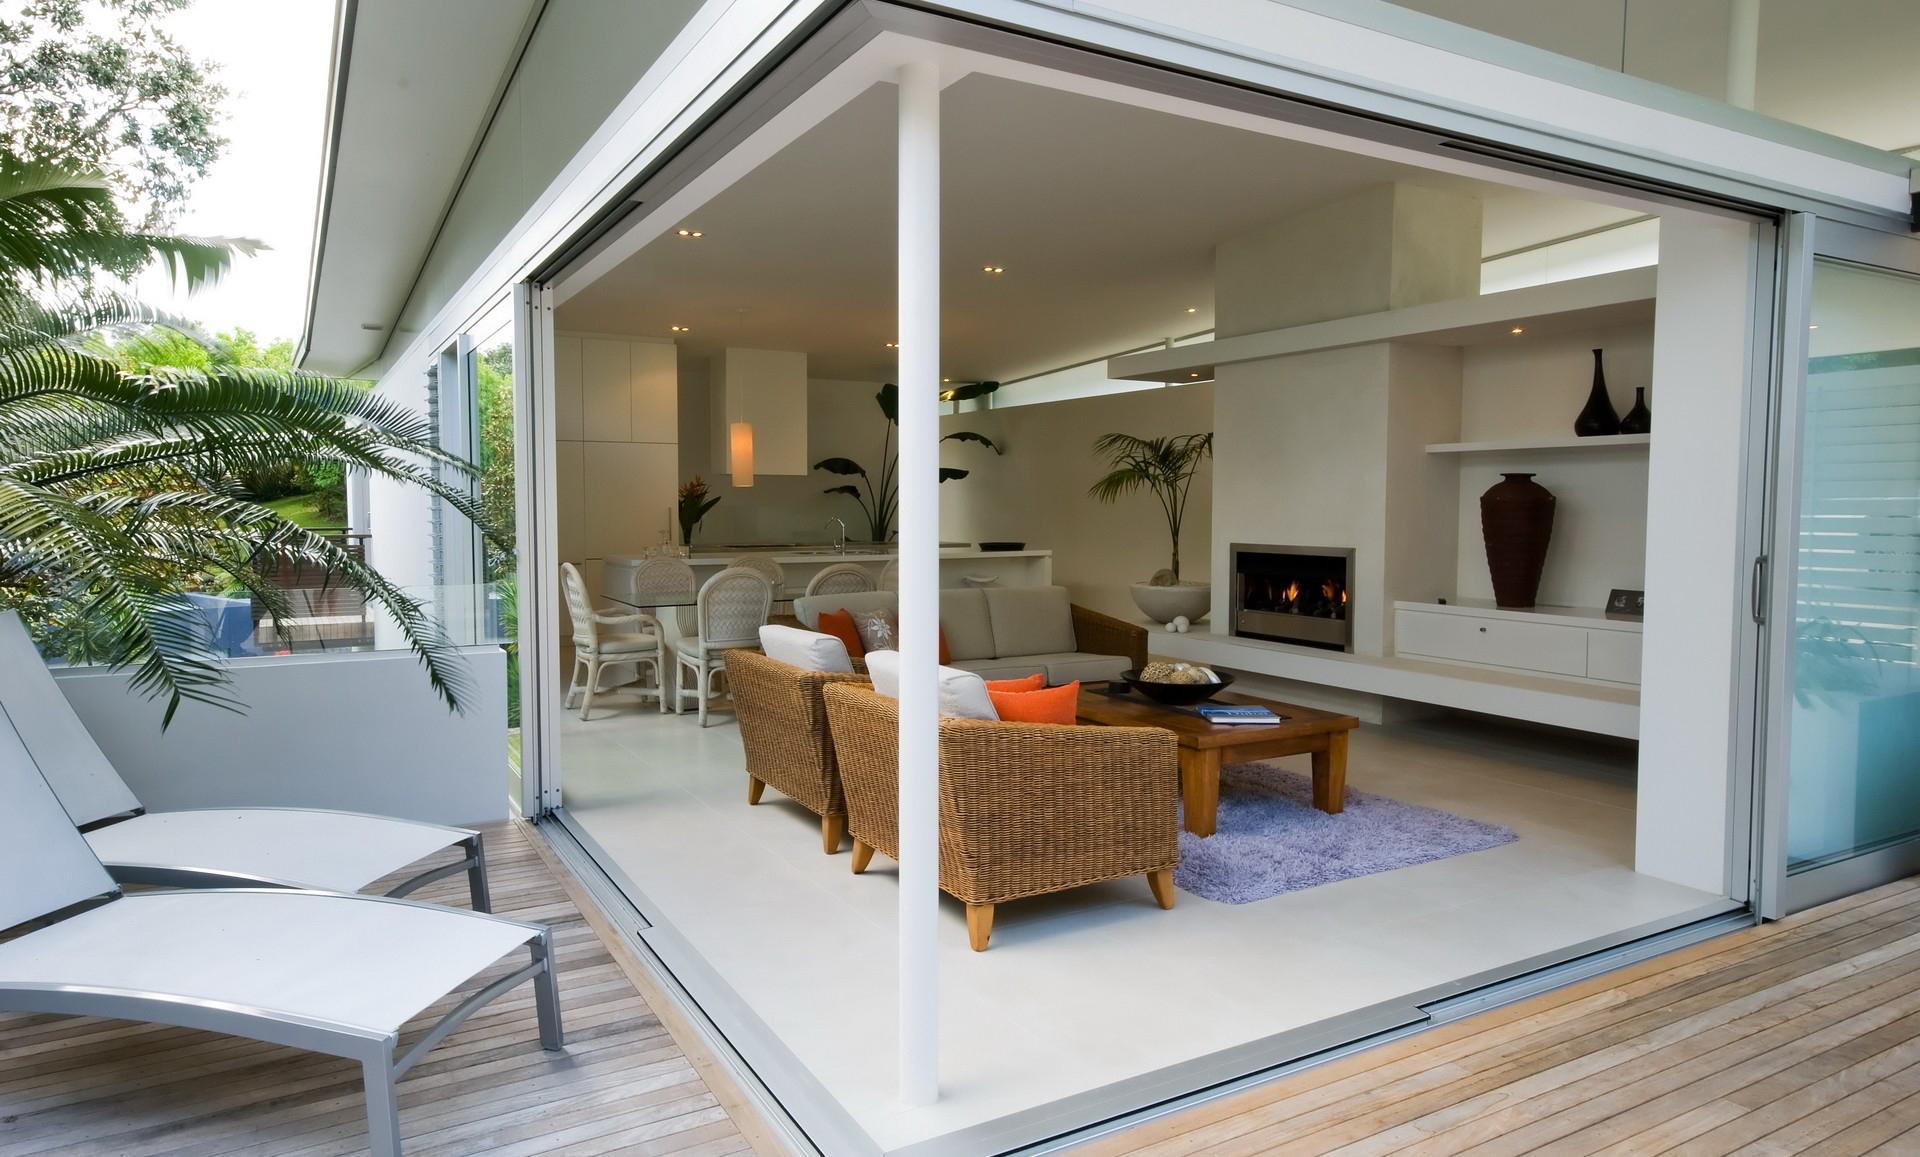 Кухня легко превращается в террасу за счет раздвижных дверей